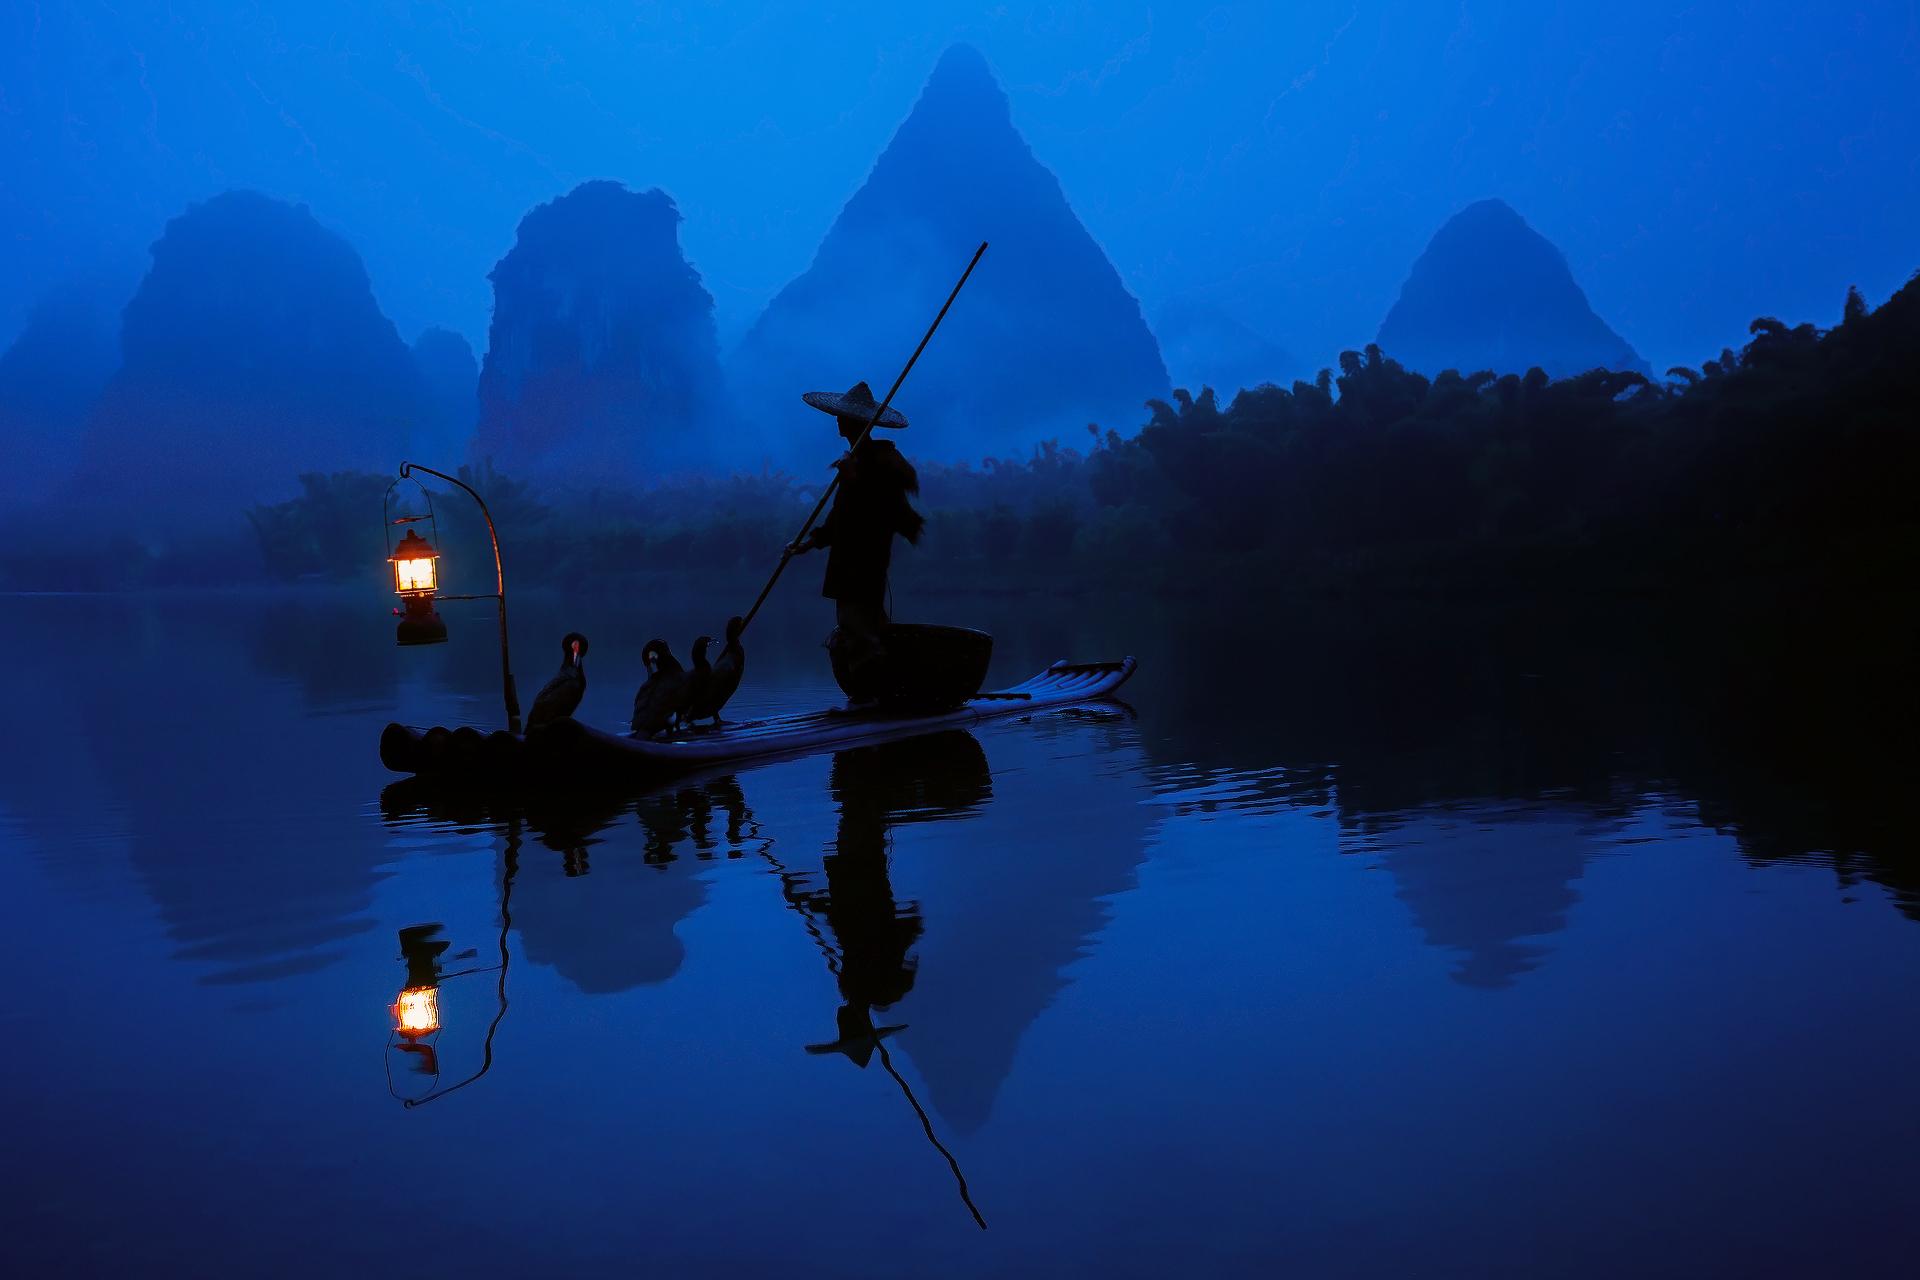 21593 скачать обои Пейзаж, Люди, Река, Азия, Рисунки, Лодки - заставки и картинки бесплатно